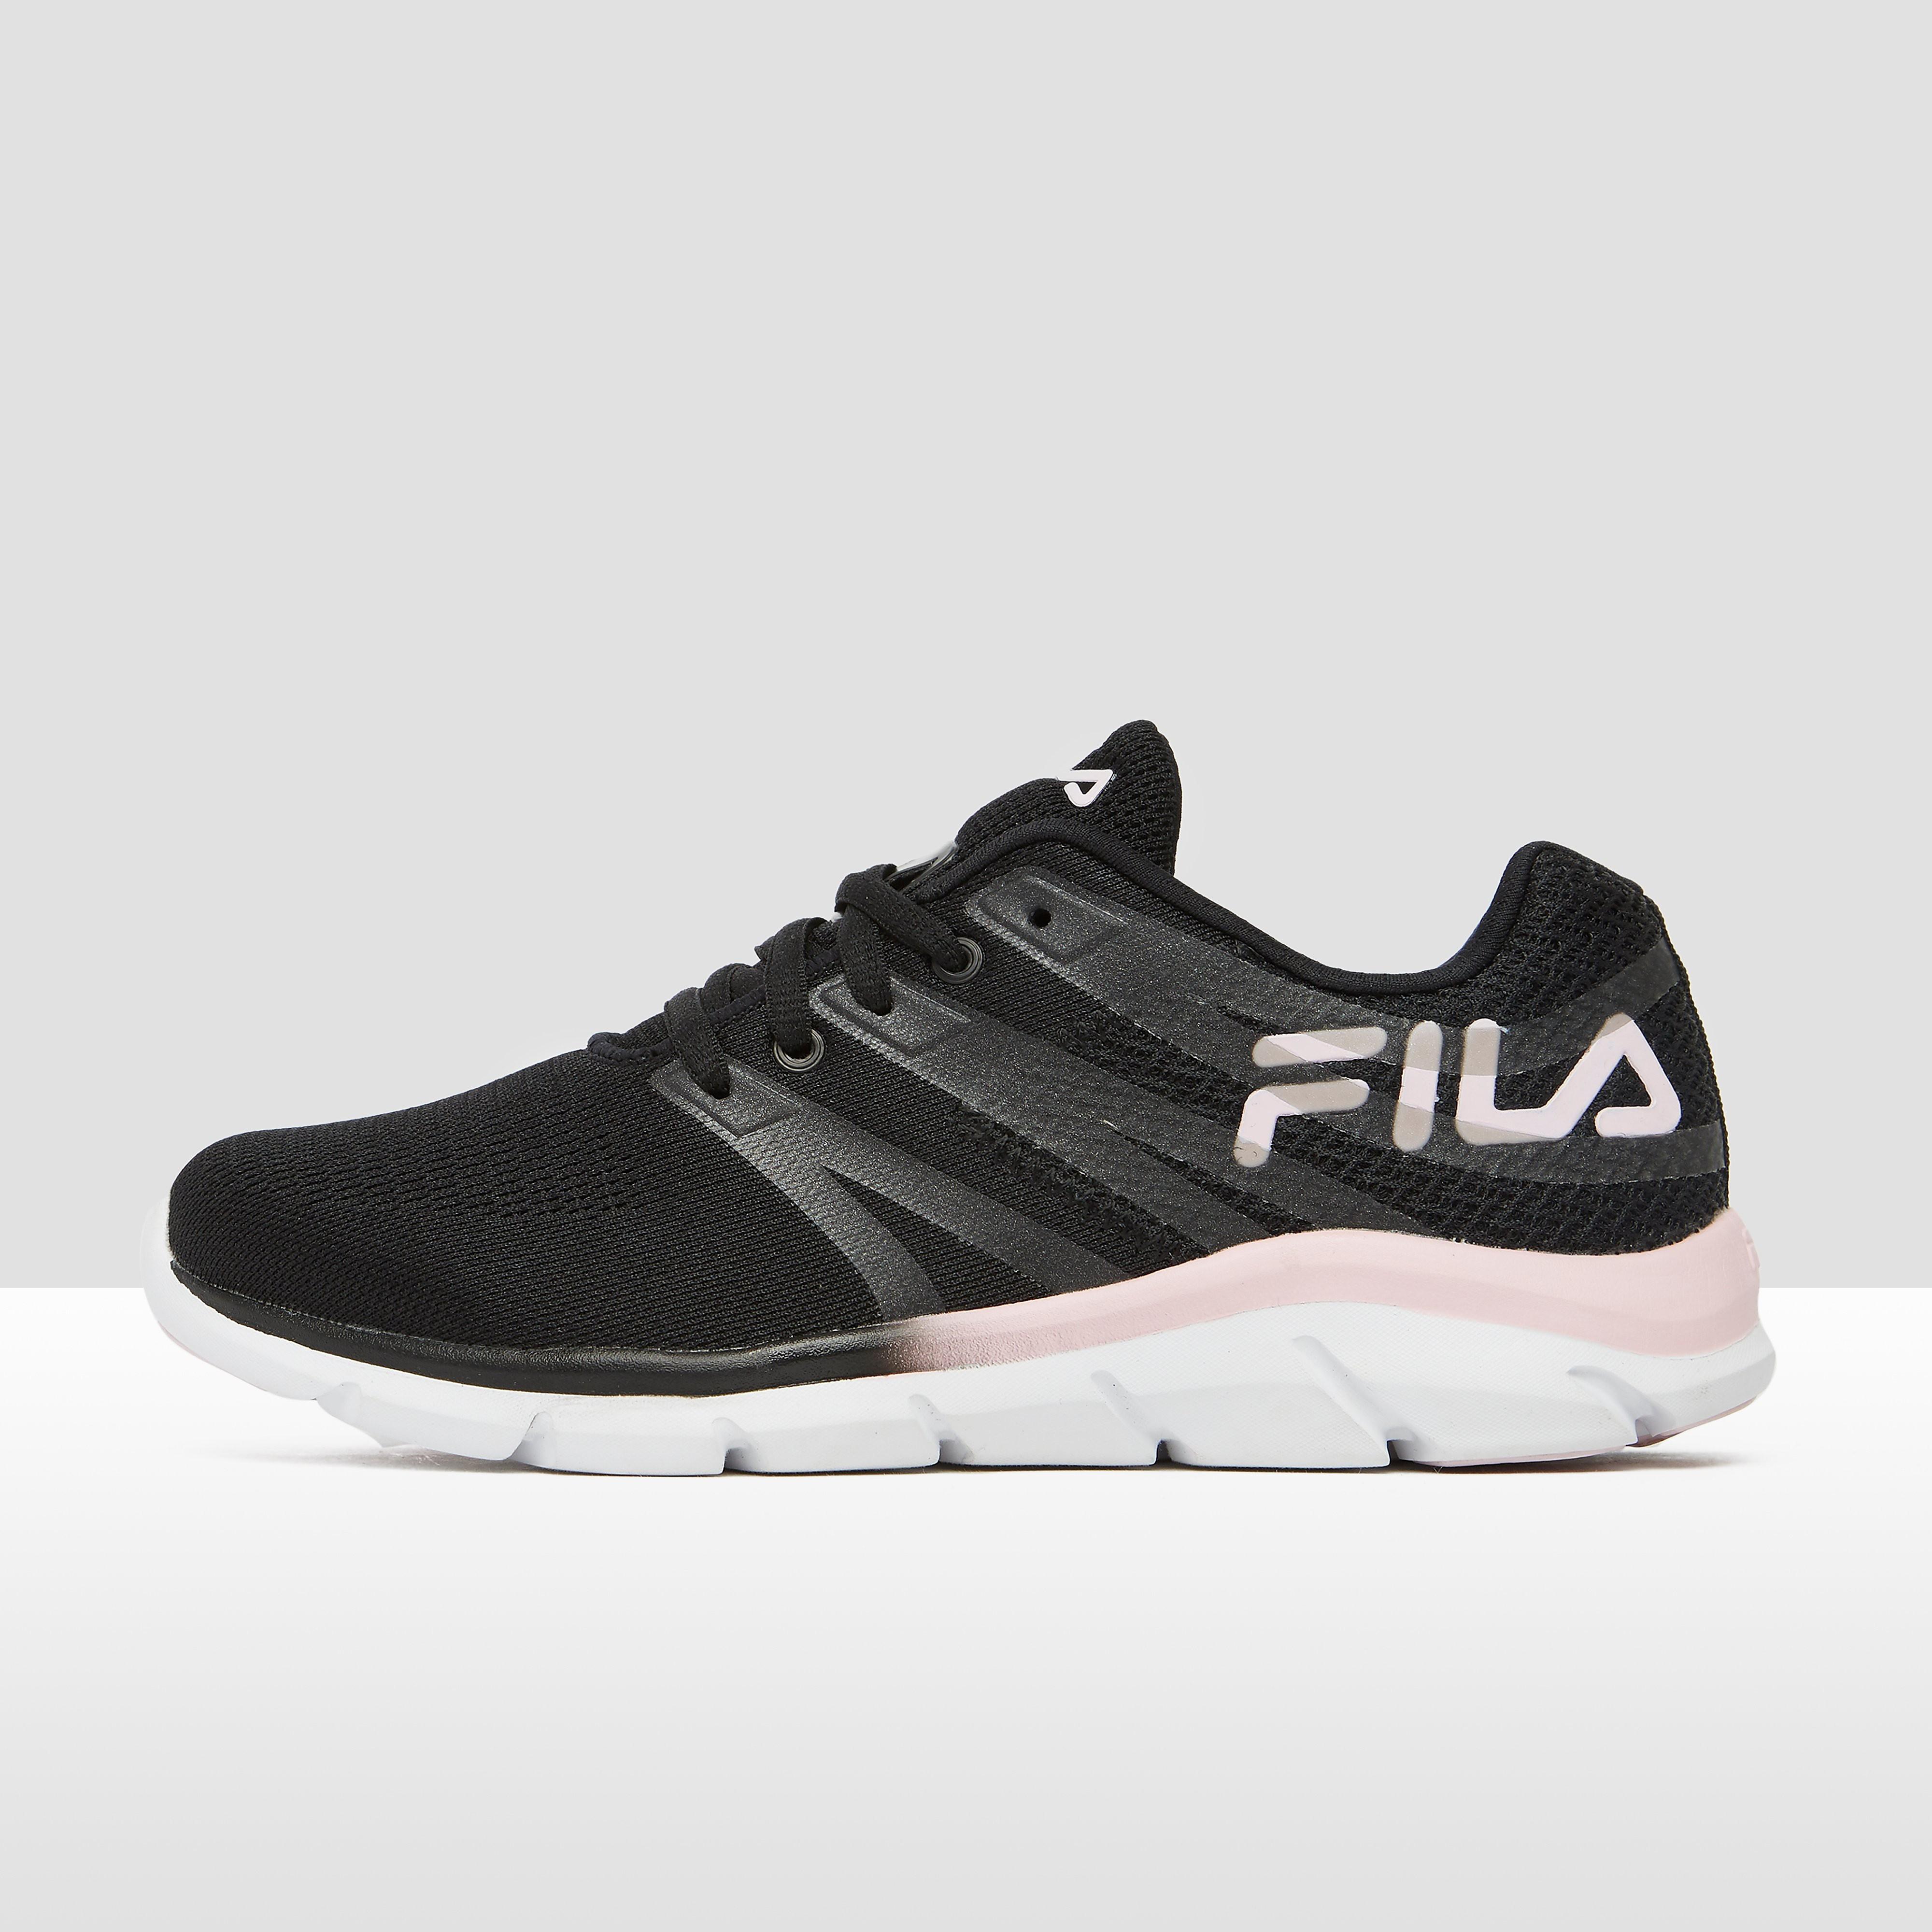 FILA Keynote 2 hardloopschoenen zwart/roze dames Dames